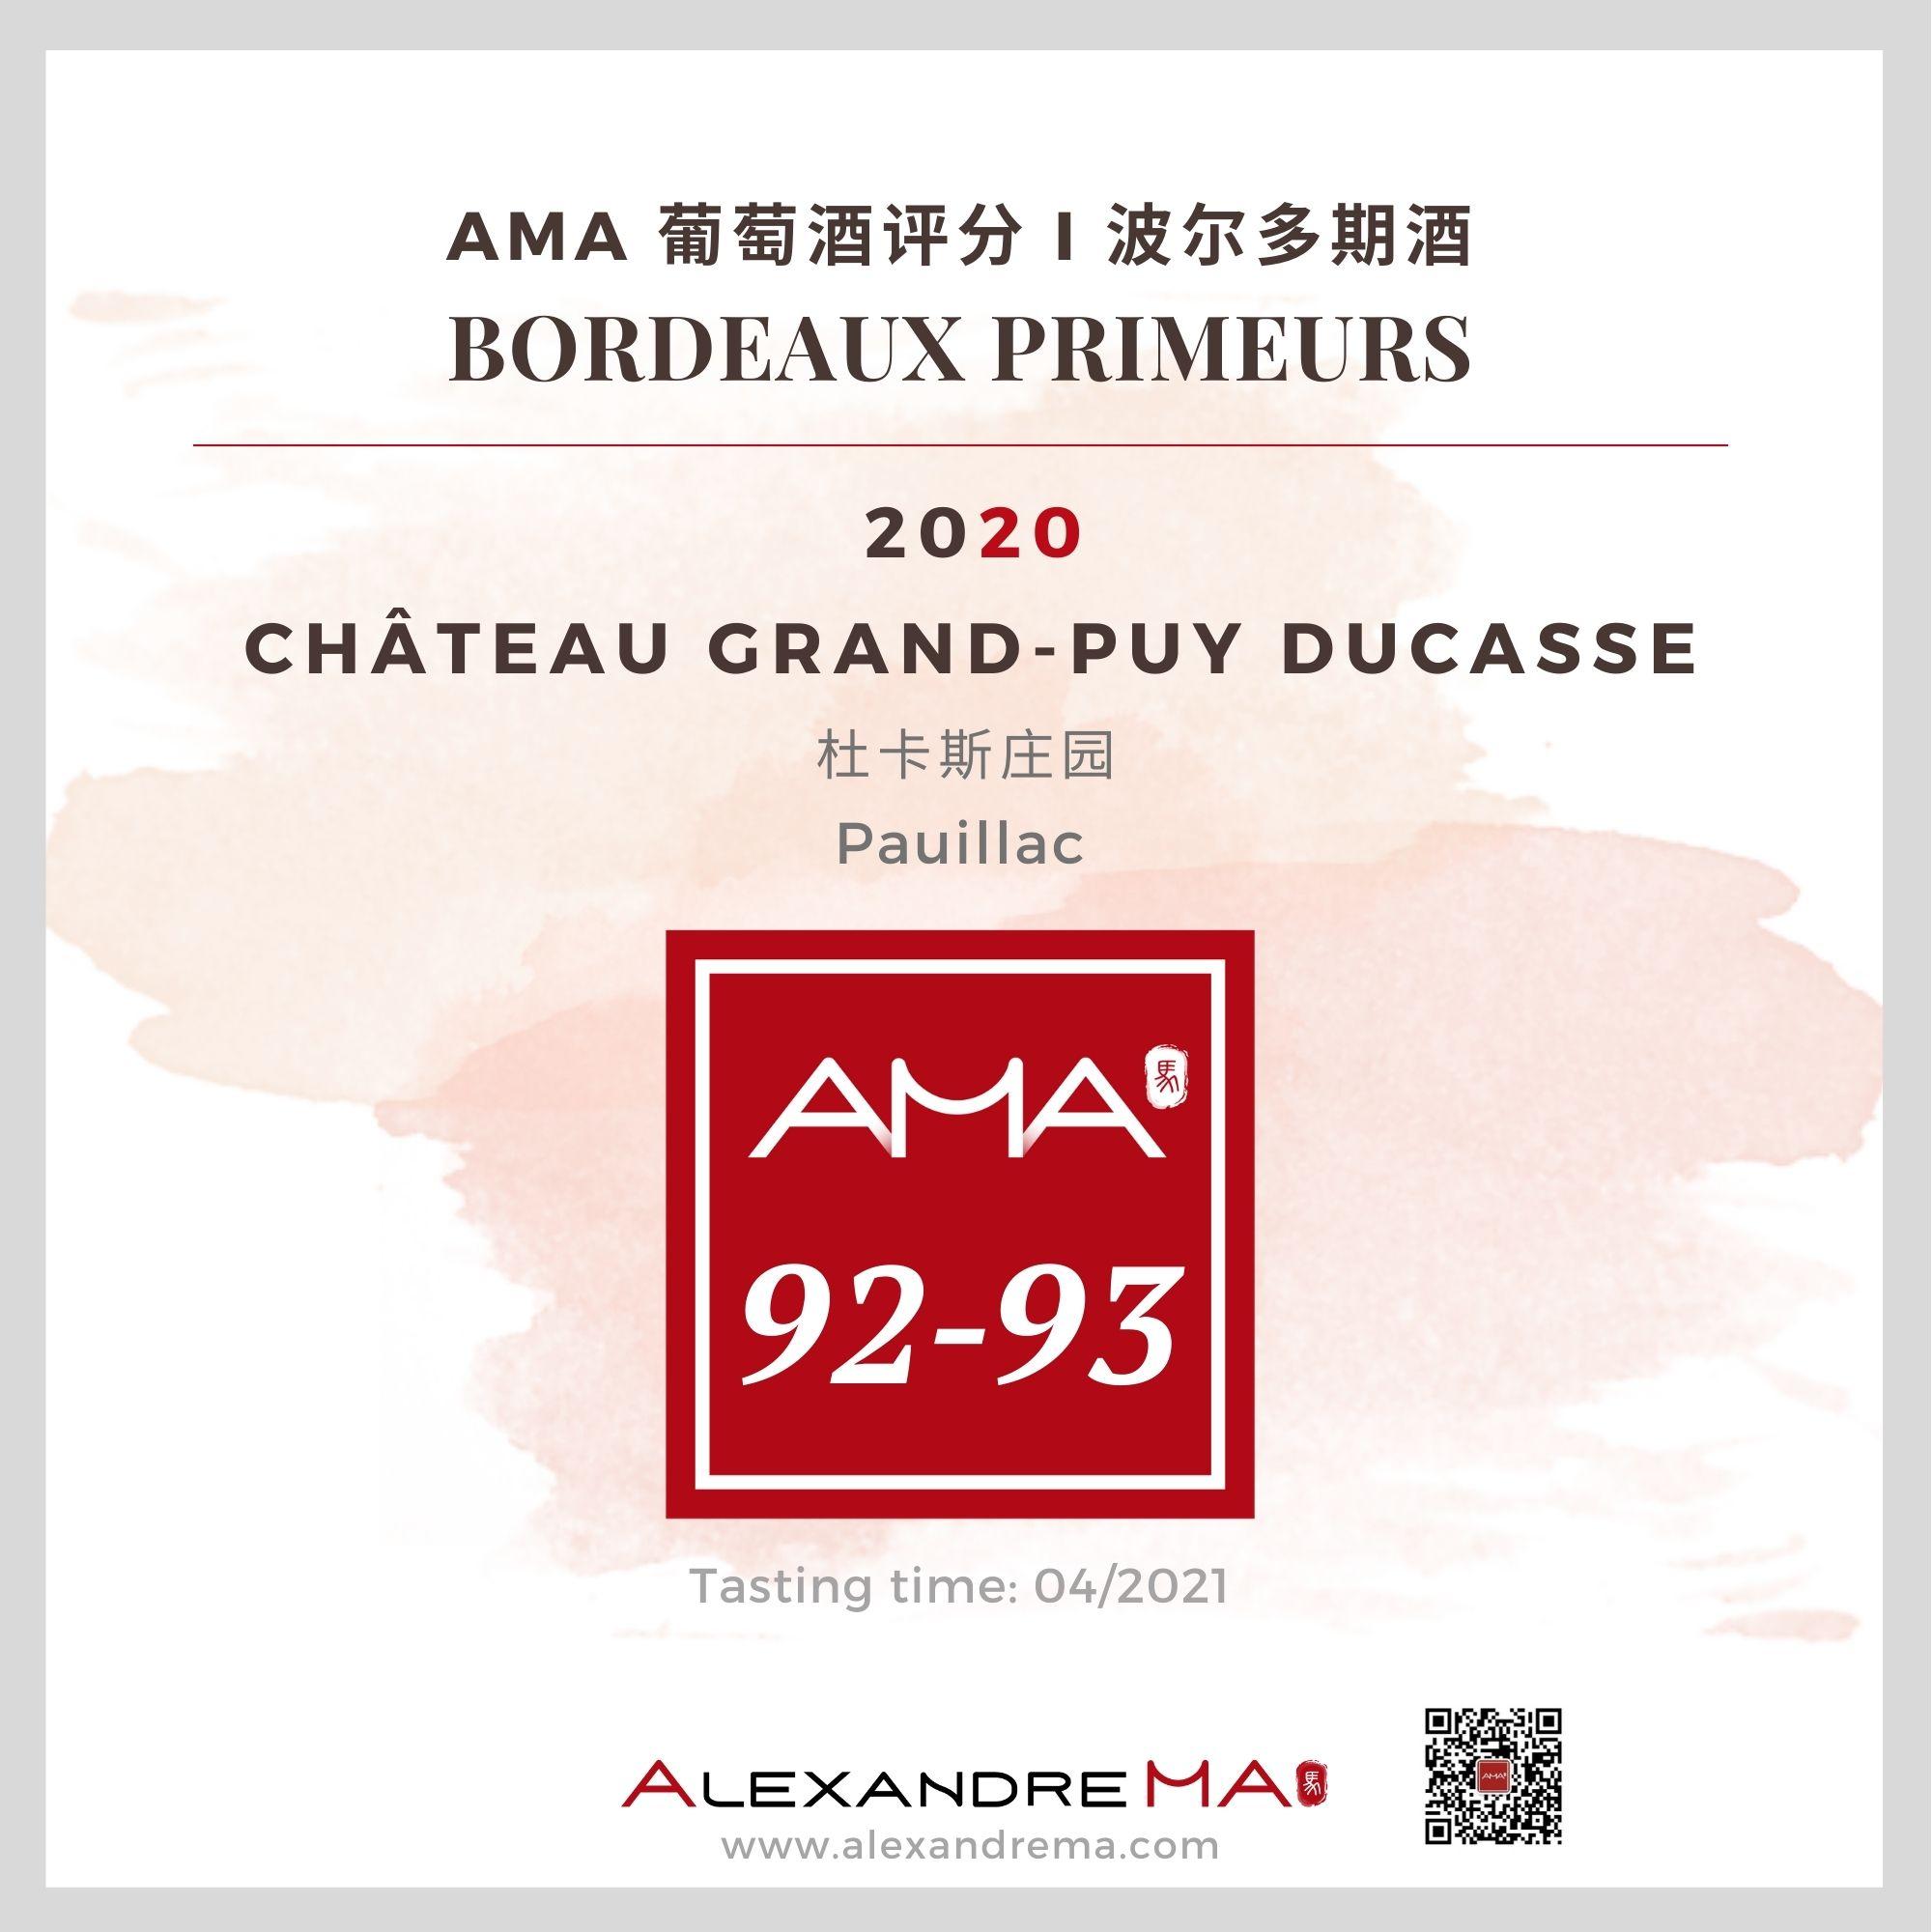 Château Grand-Puy Ducasse 2020 - Alexandre MA